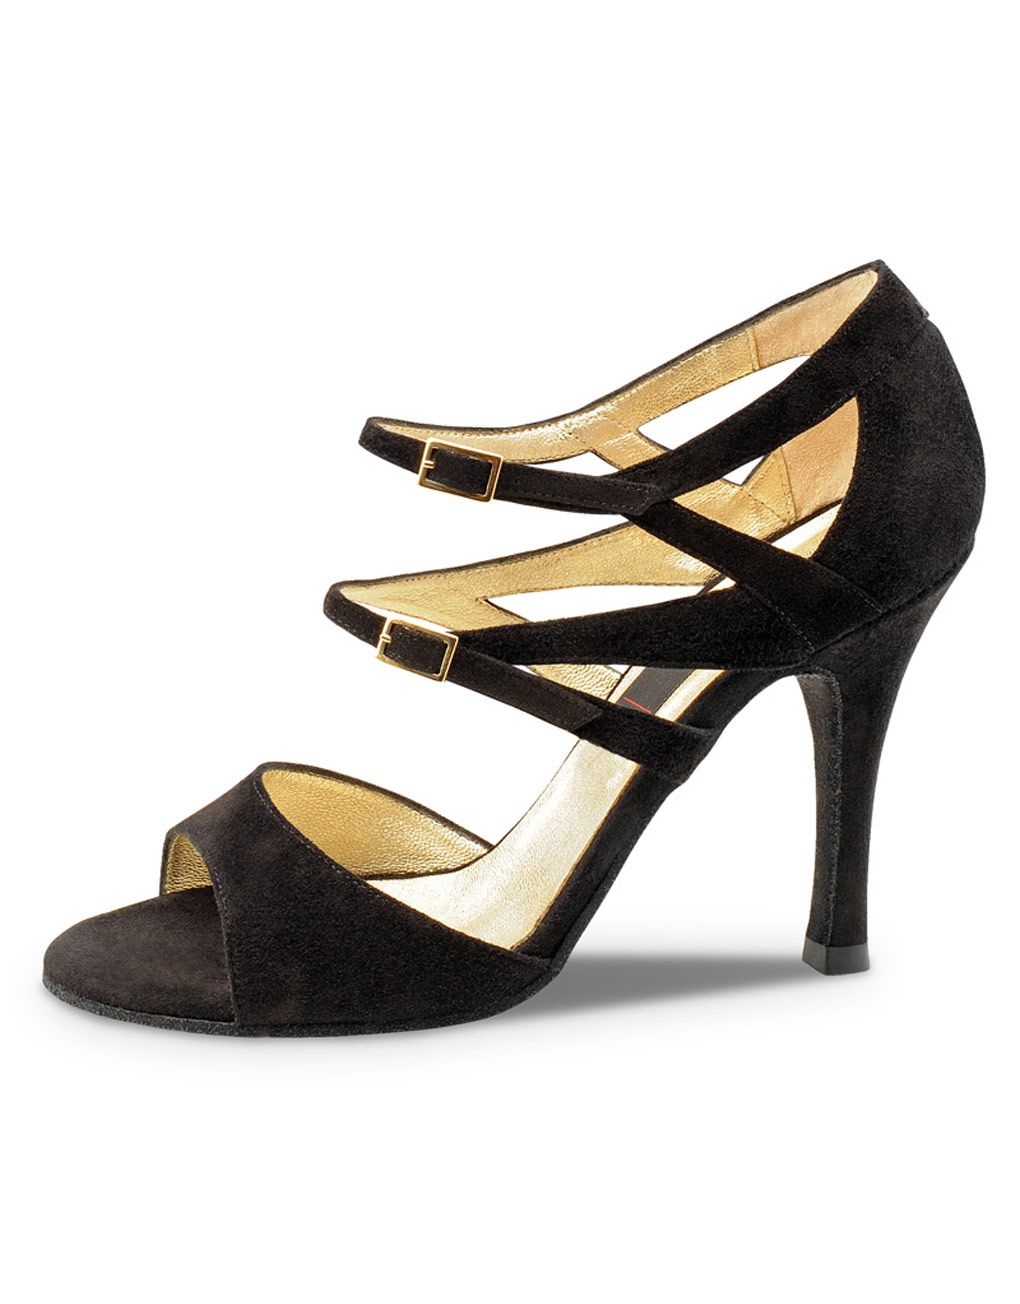 df06ac010 Modelo de calçado: tango e salsa sapato de dança. / Shoe model: tango and salsa  dance shoe